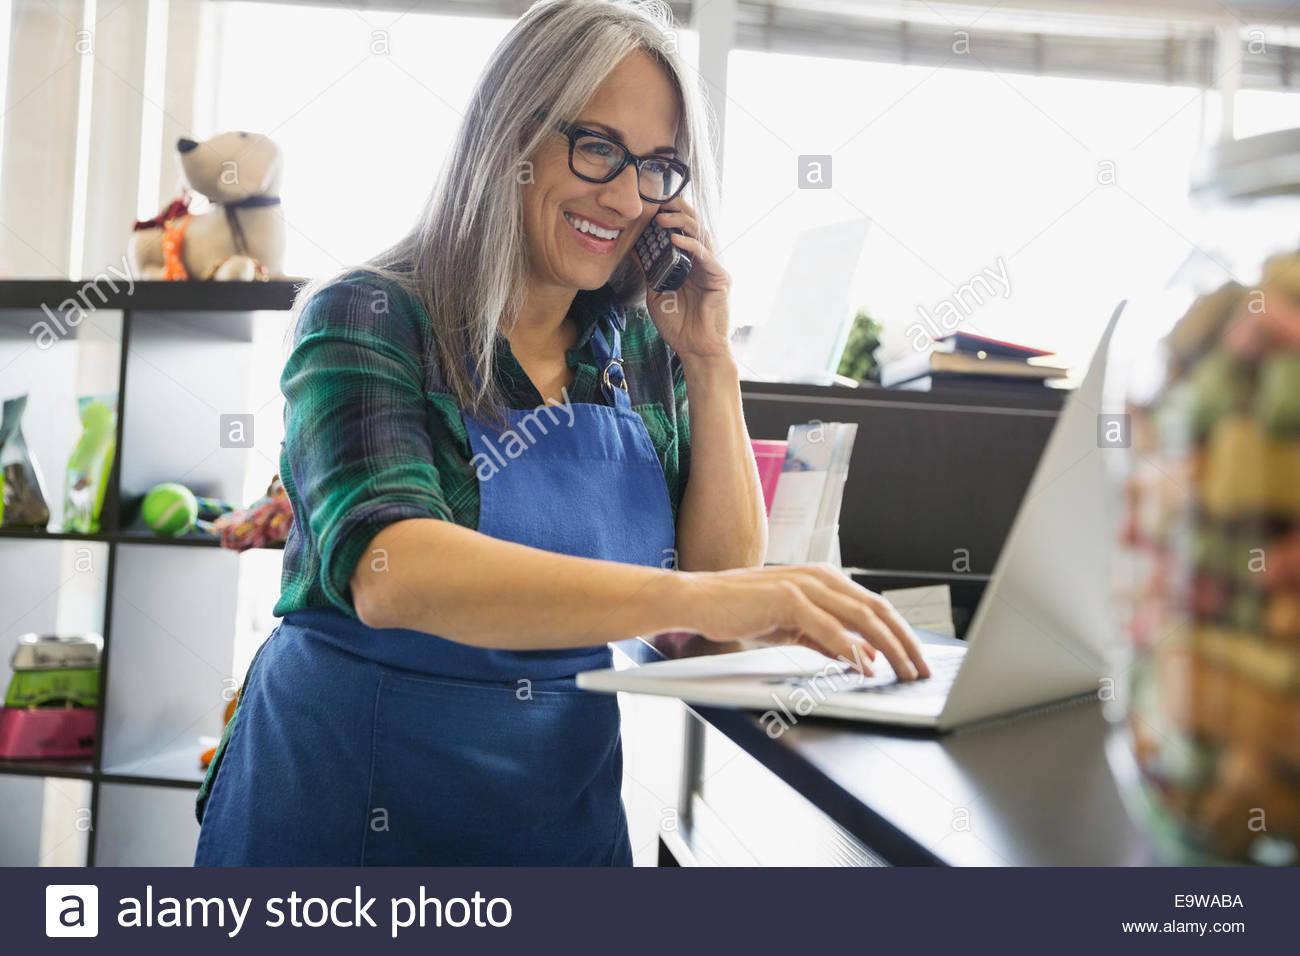 Dog daycare owner on telephone using laptop - Stock Image